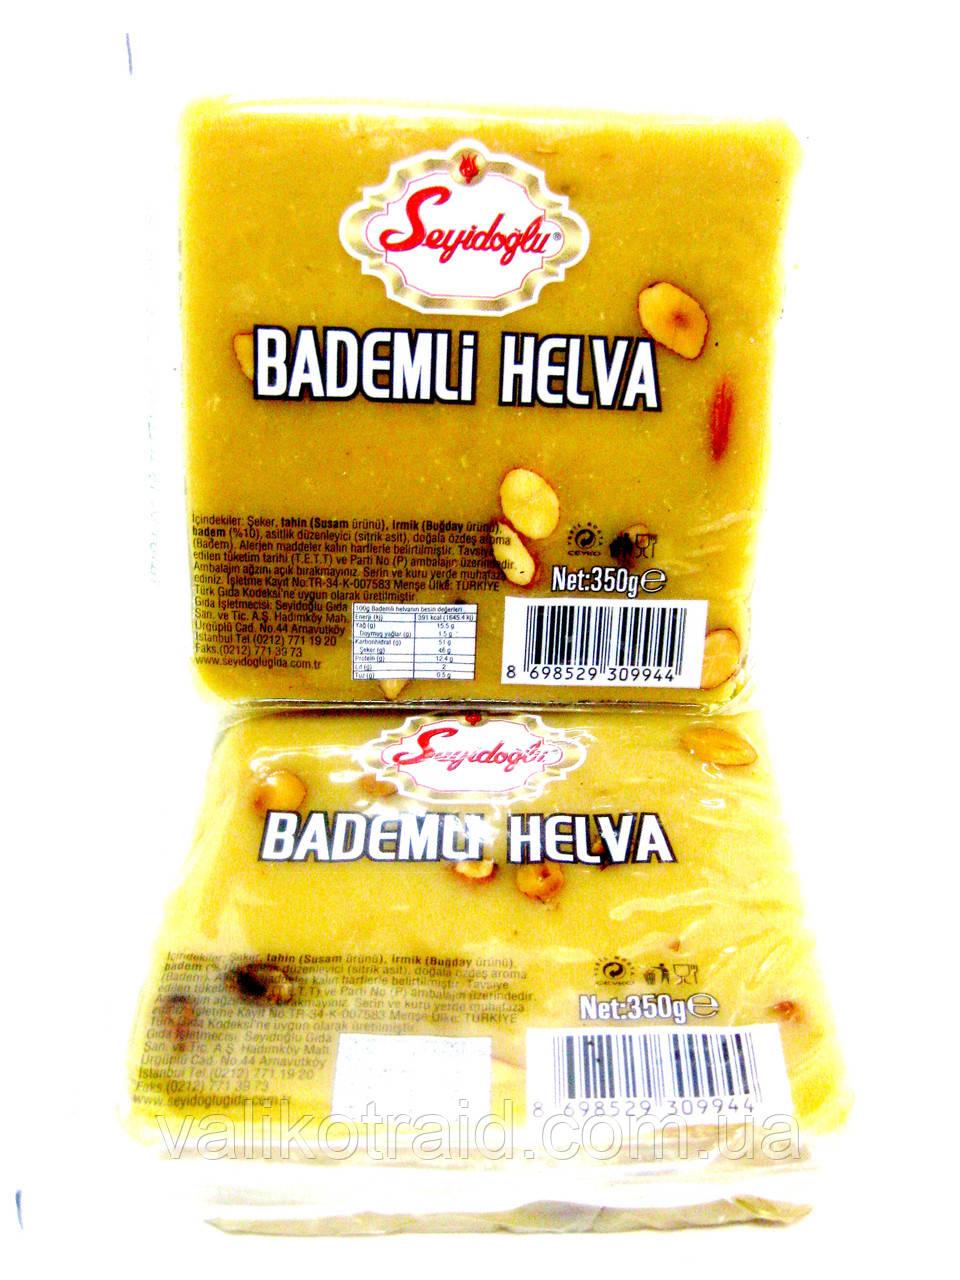 МИНДАЛЬНЫЙ МАРЦИПАН с орехом миндаля, кунжутная  Бадемли -Халва, 350г, турецкие сладости